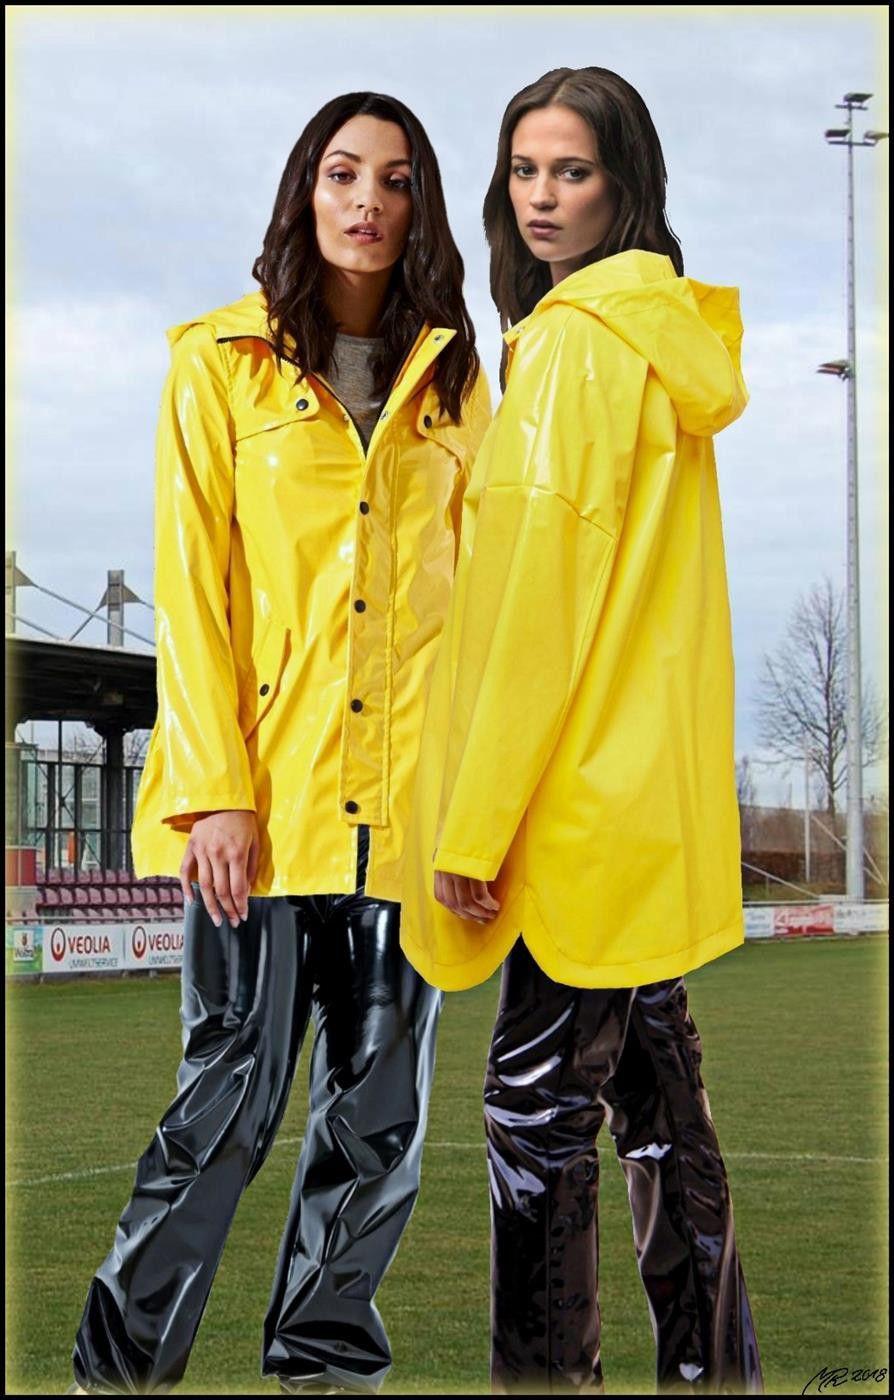 b53e572d Rainwear Girls | Rainwear girl in 2019 | Rain wear, Yellow raincoat ...